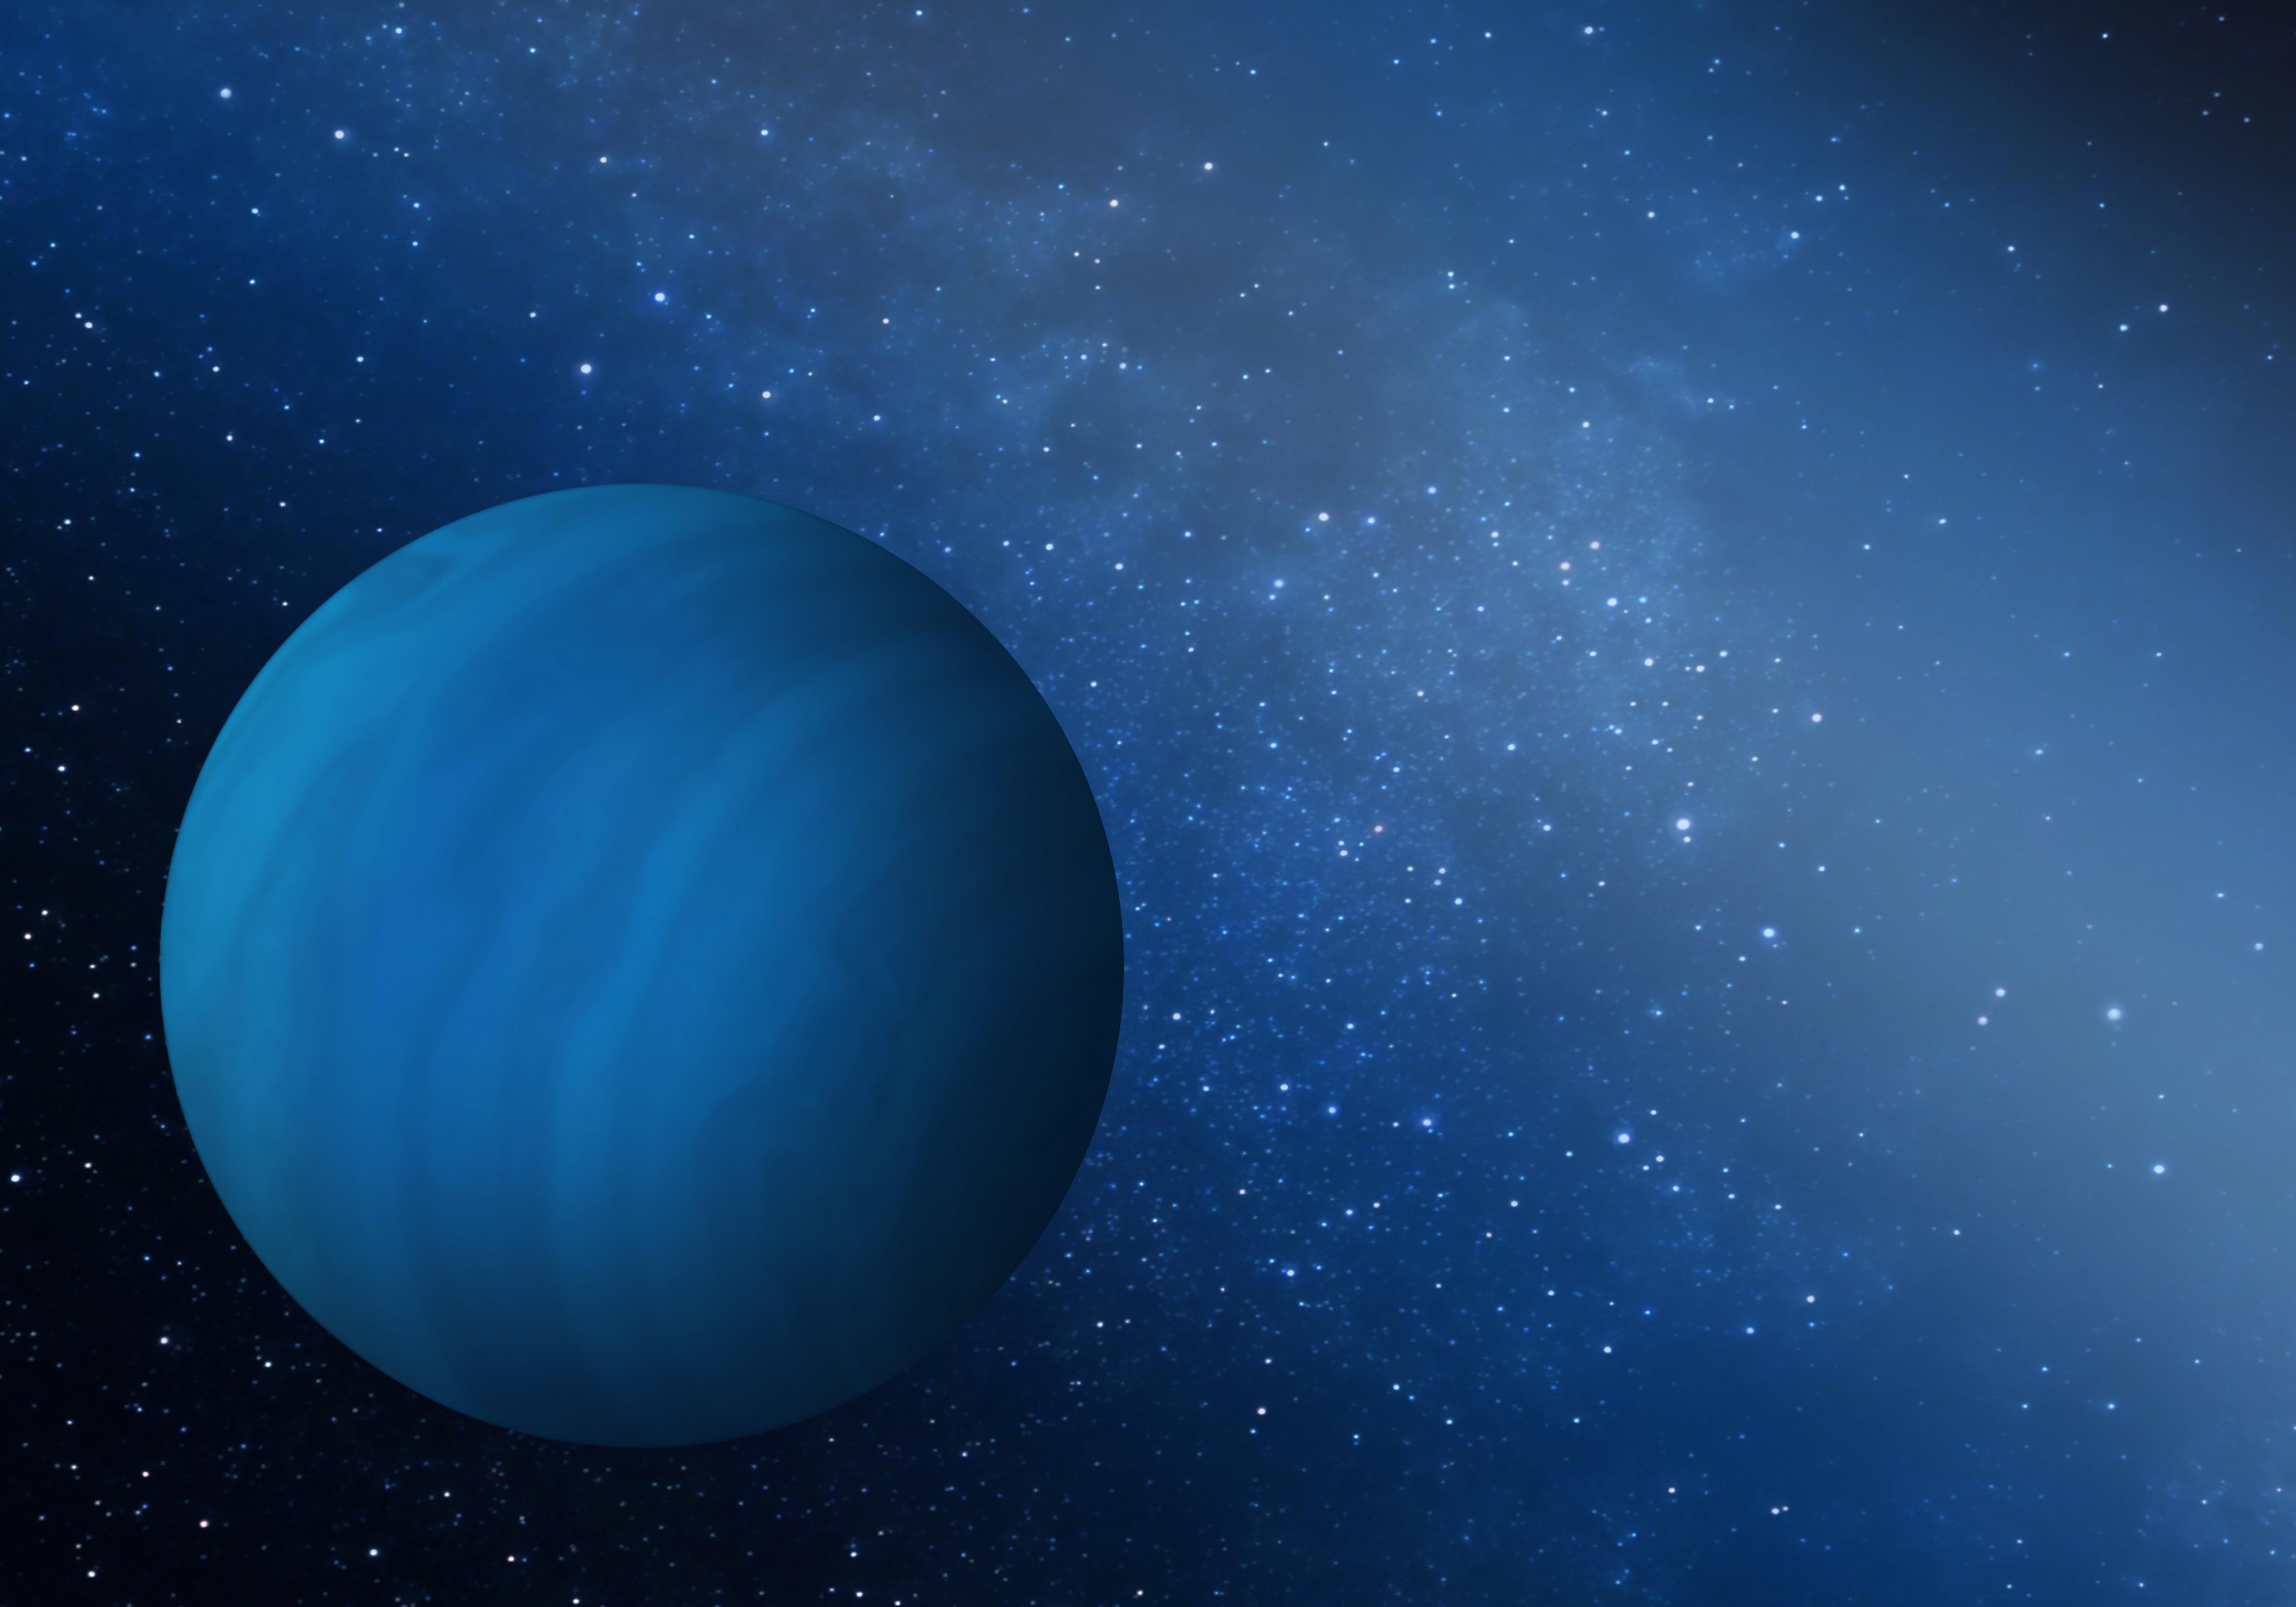 нептун фото планеты из космоса владельцы загородных